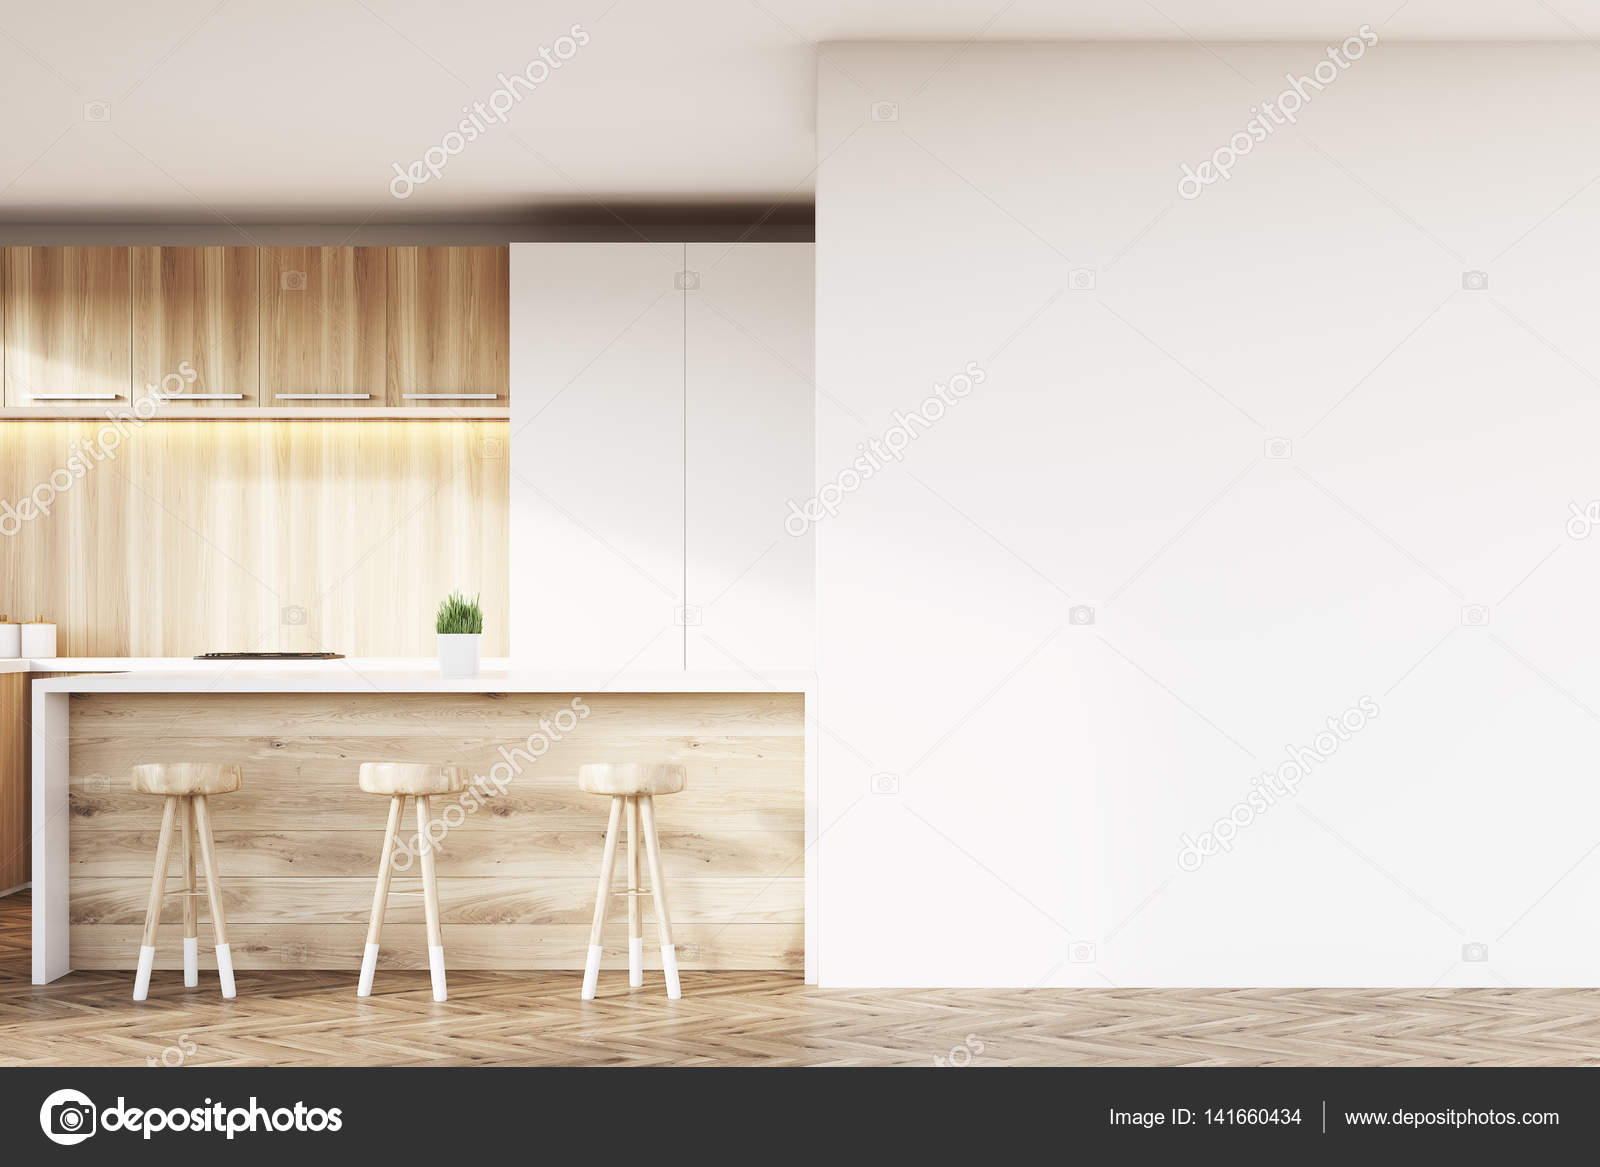 Weiß und Holz Küchenbar — Stockfoto © denisismagilov #141660434